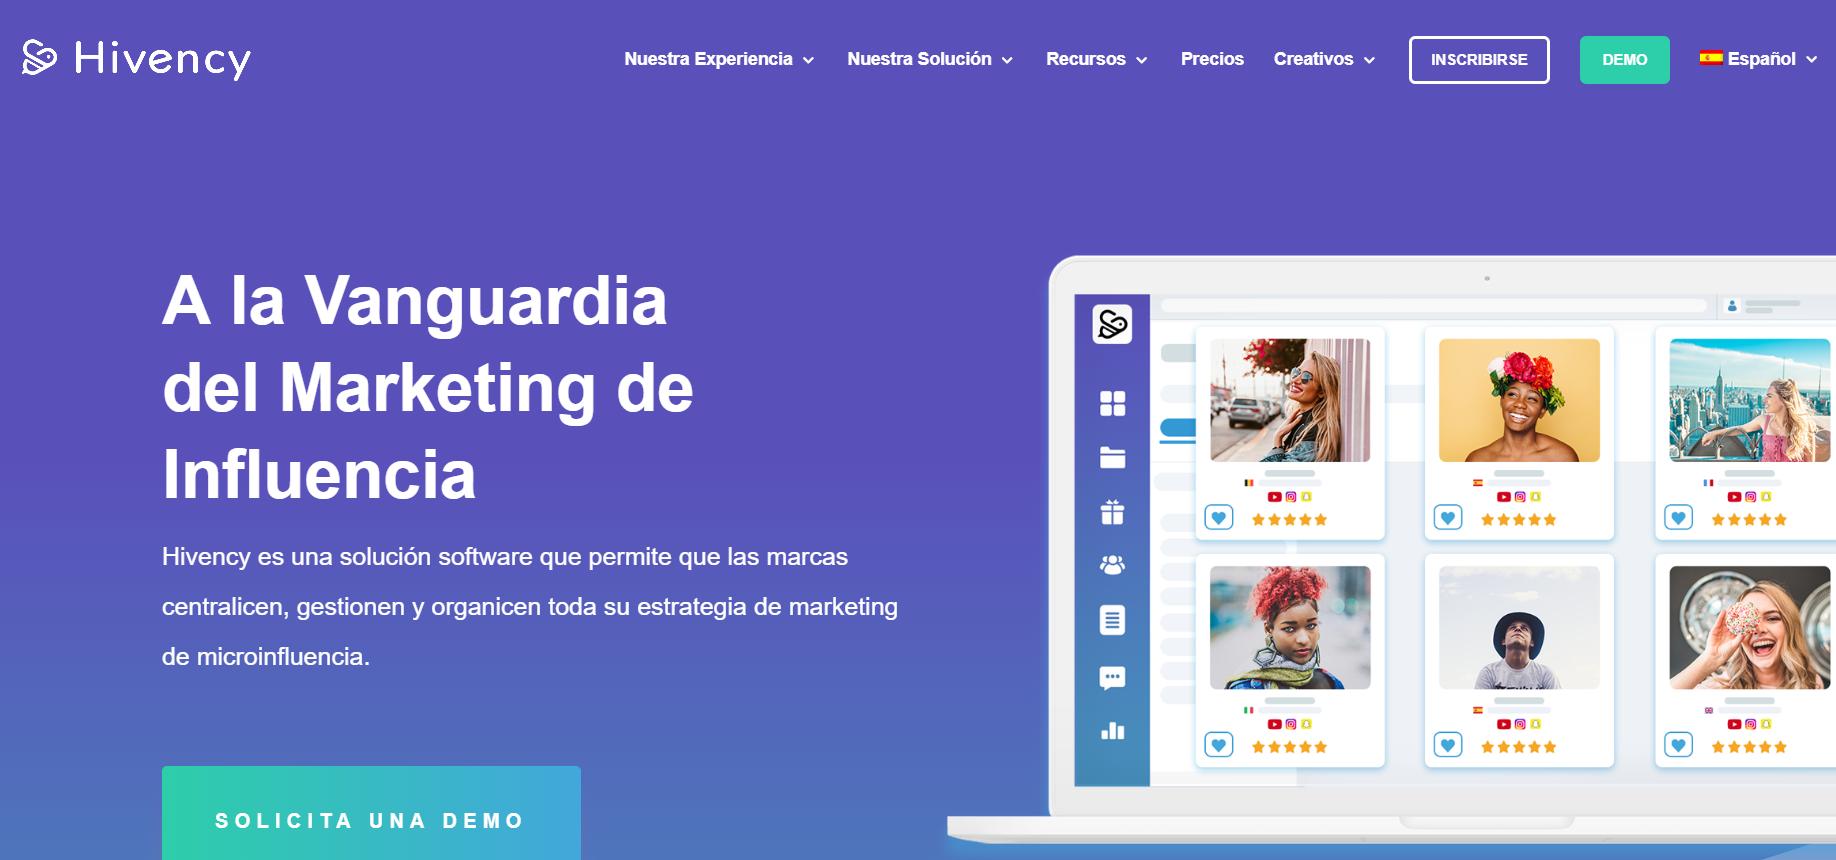 Hivency presenta su nuevo logo y la nueva interfaz de su página web